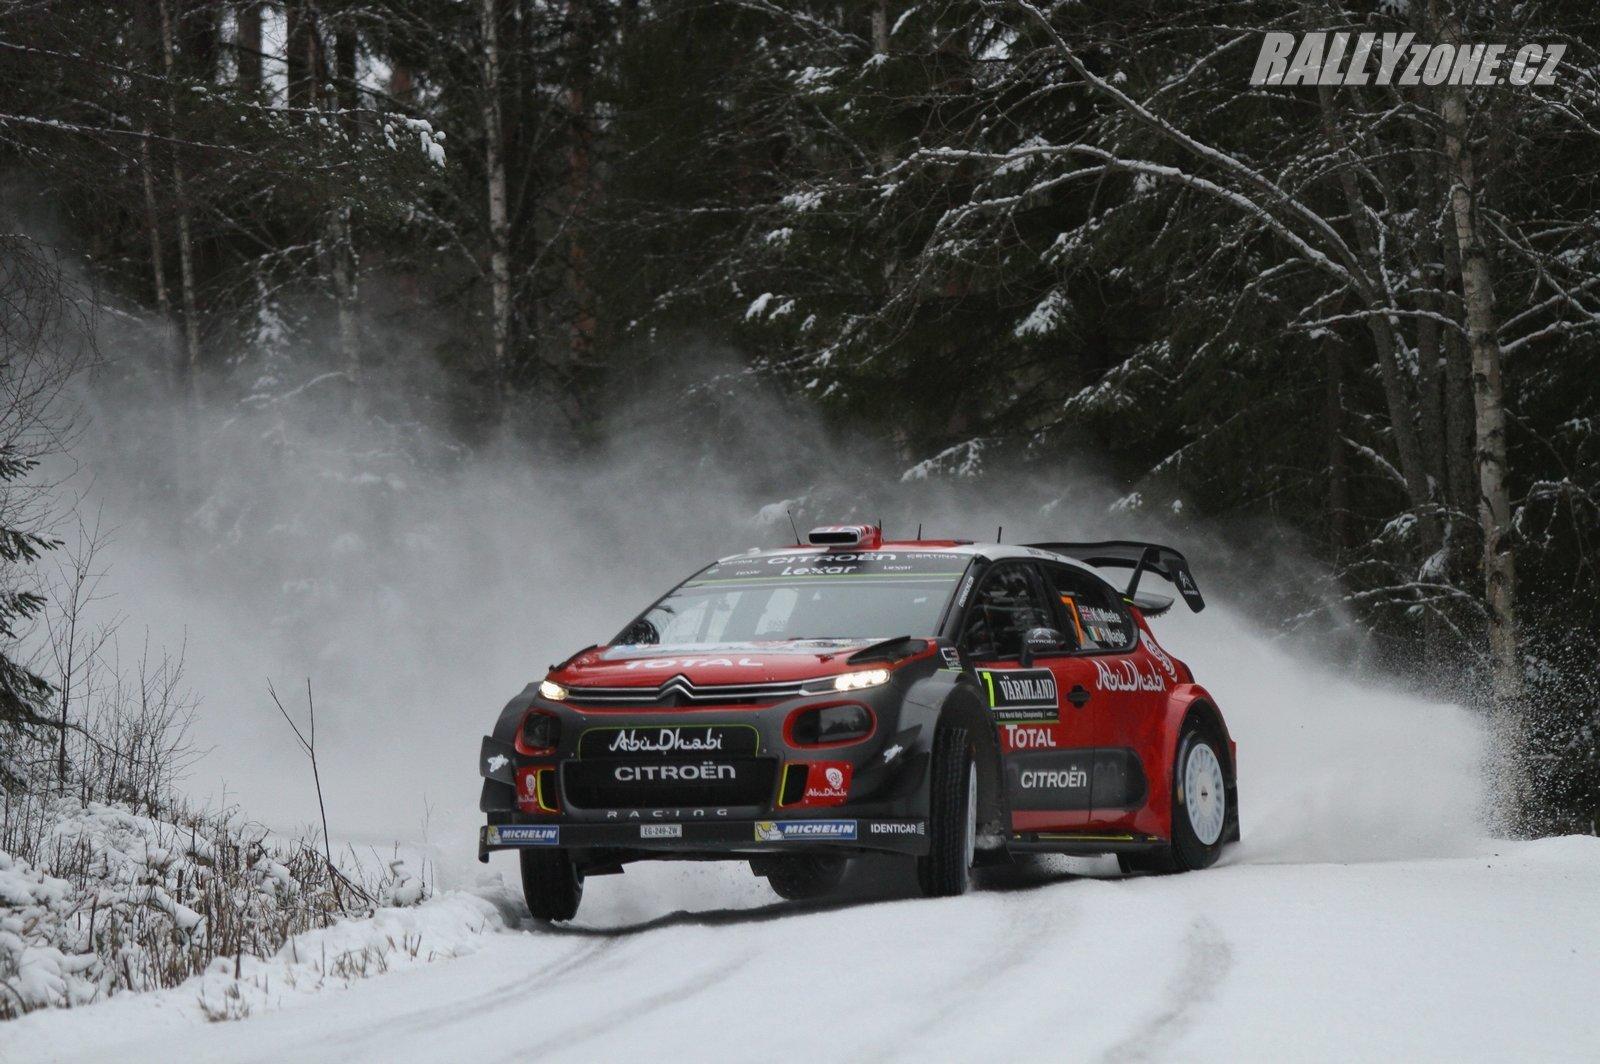 Citroën angažoval pro Švédskou rally posilu do svého týmu